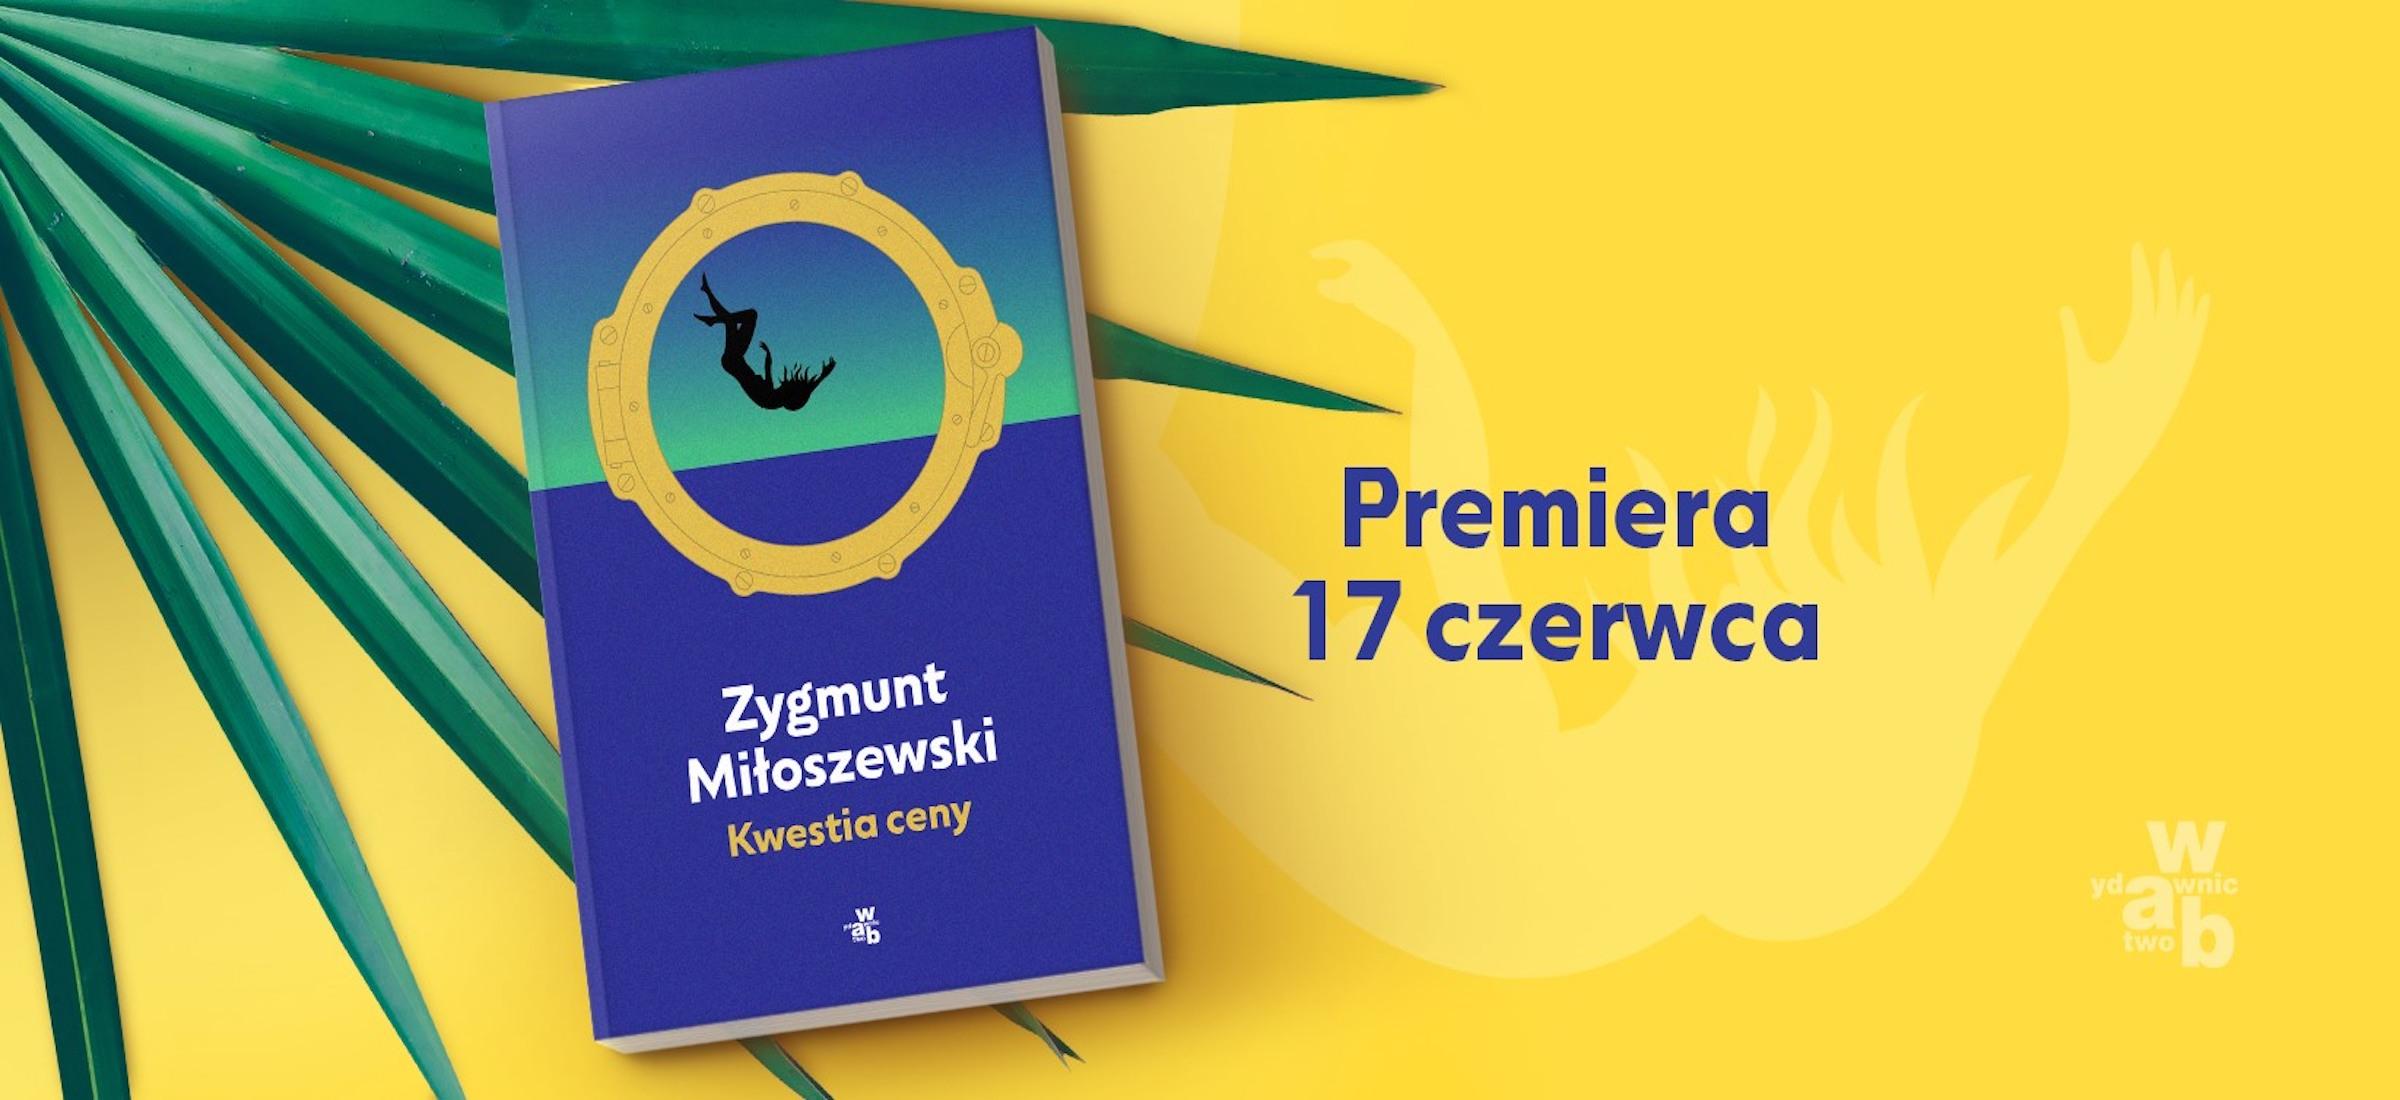 kwestia ceny nowa powiesc zygmunt miloszewski recenzja